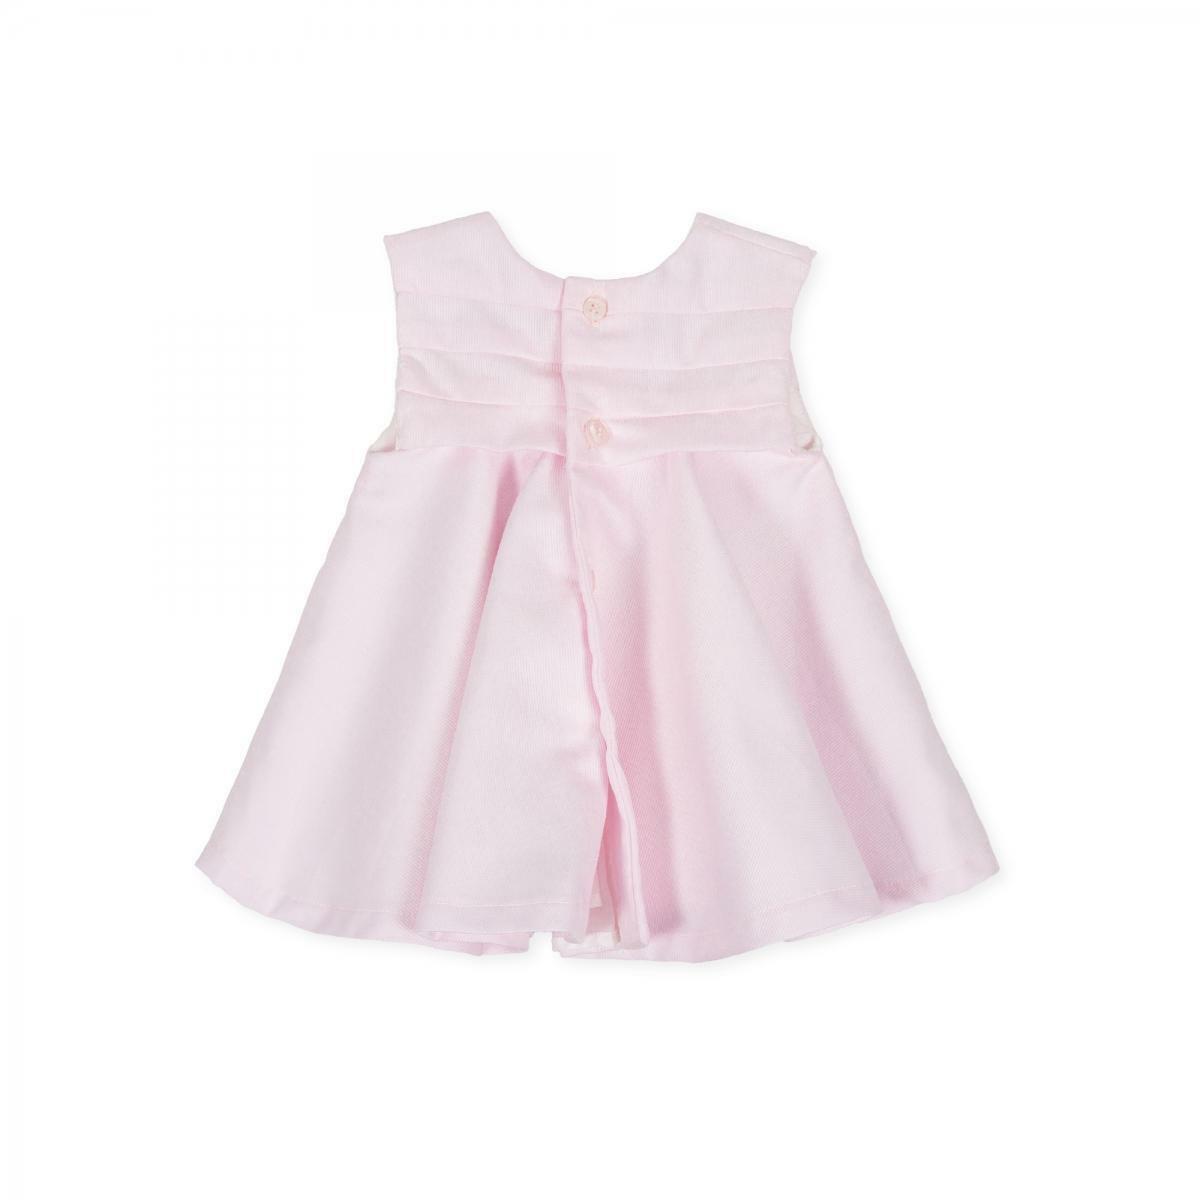 tutto piccolo tutto piccolo vestitino neonata rosa 8414s20